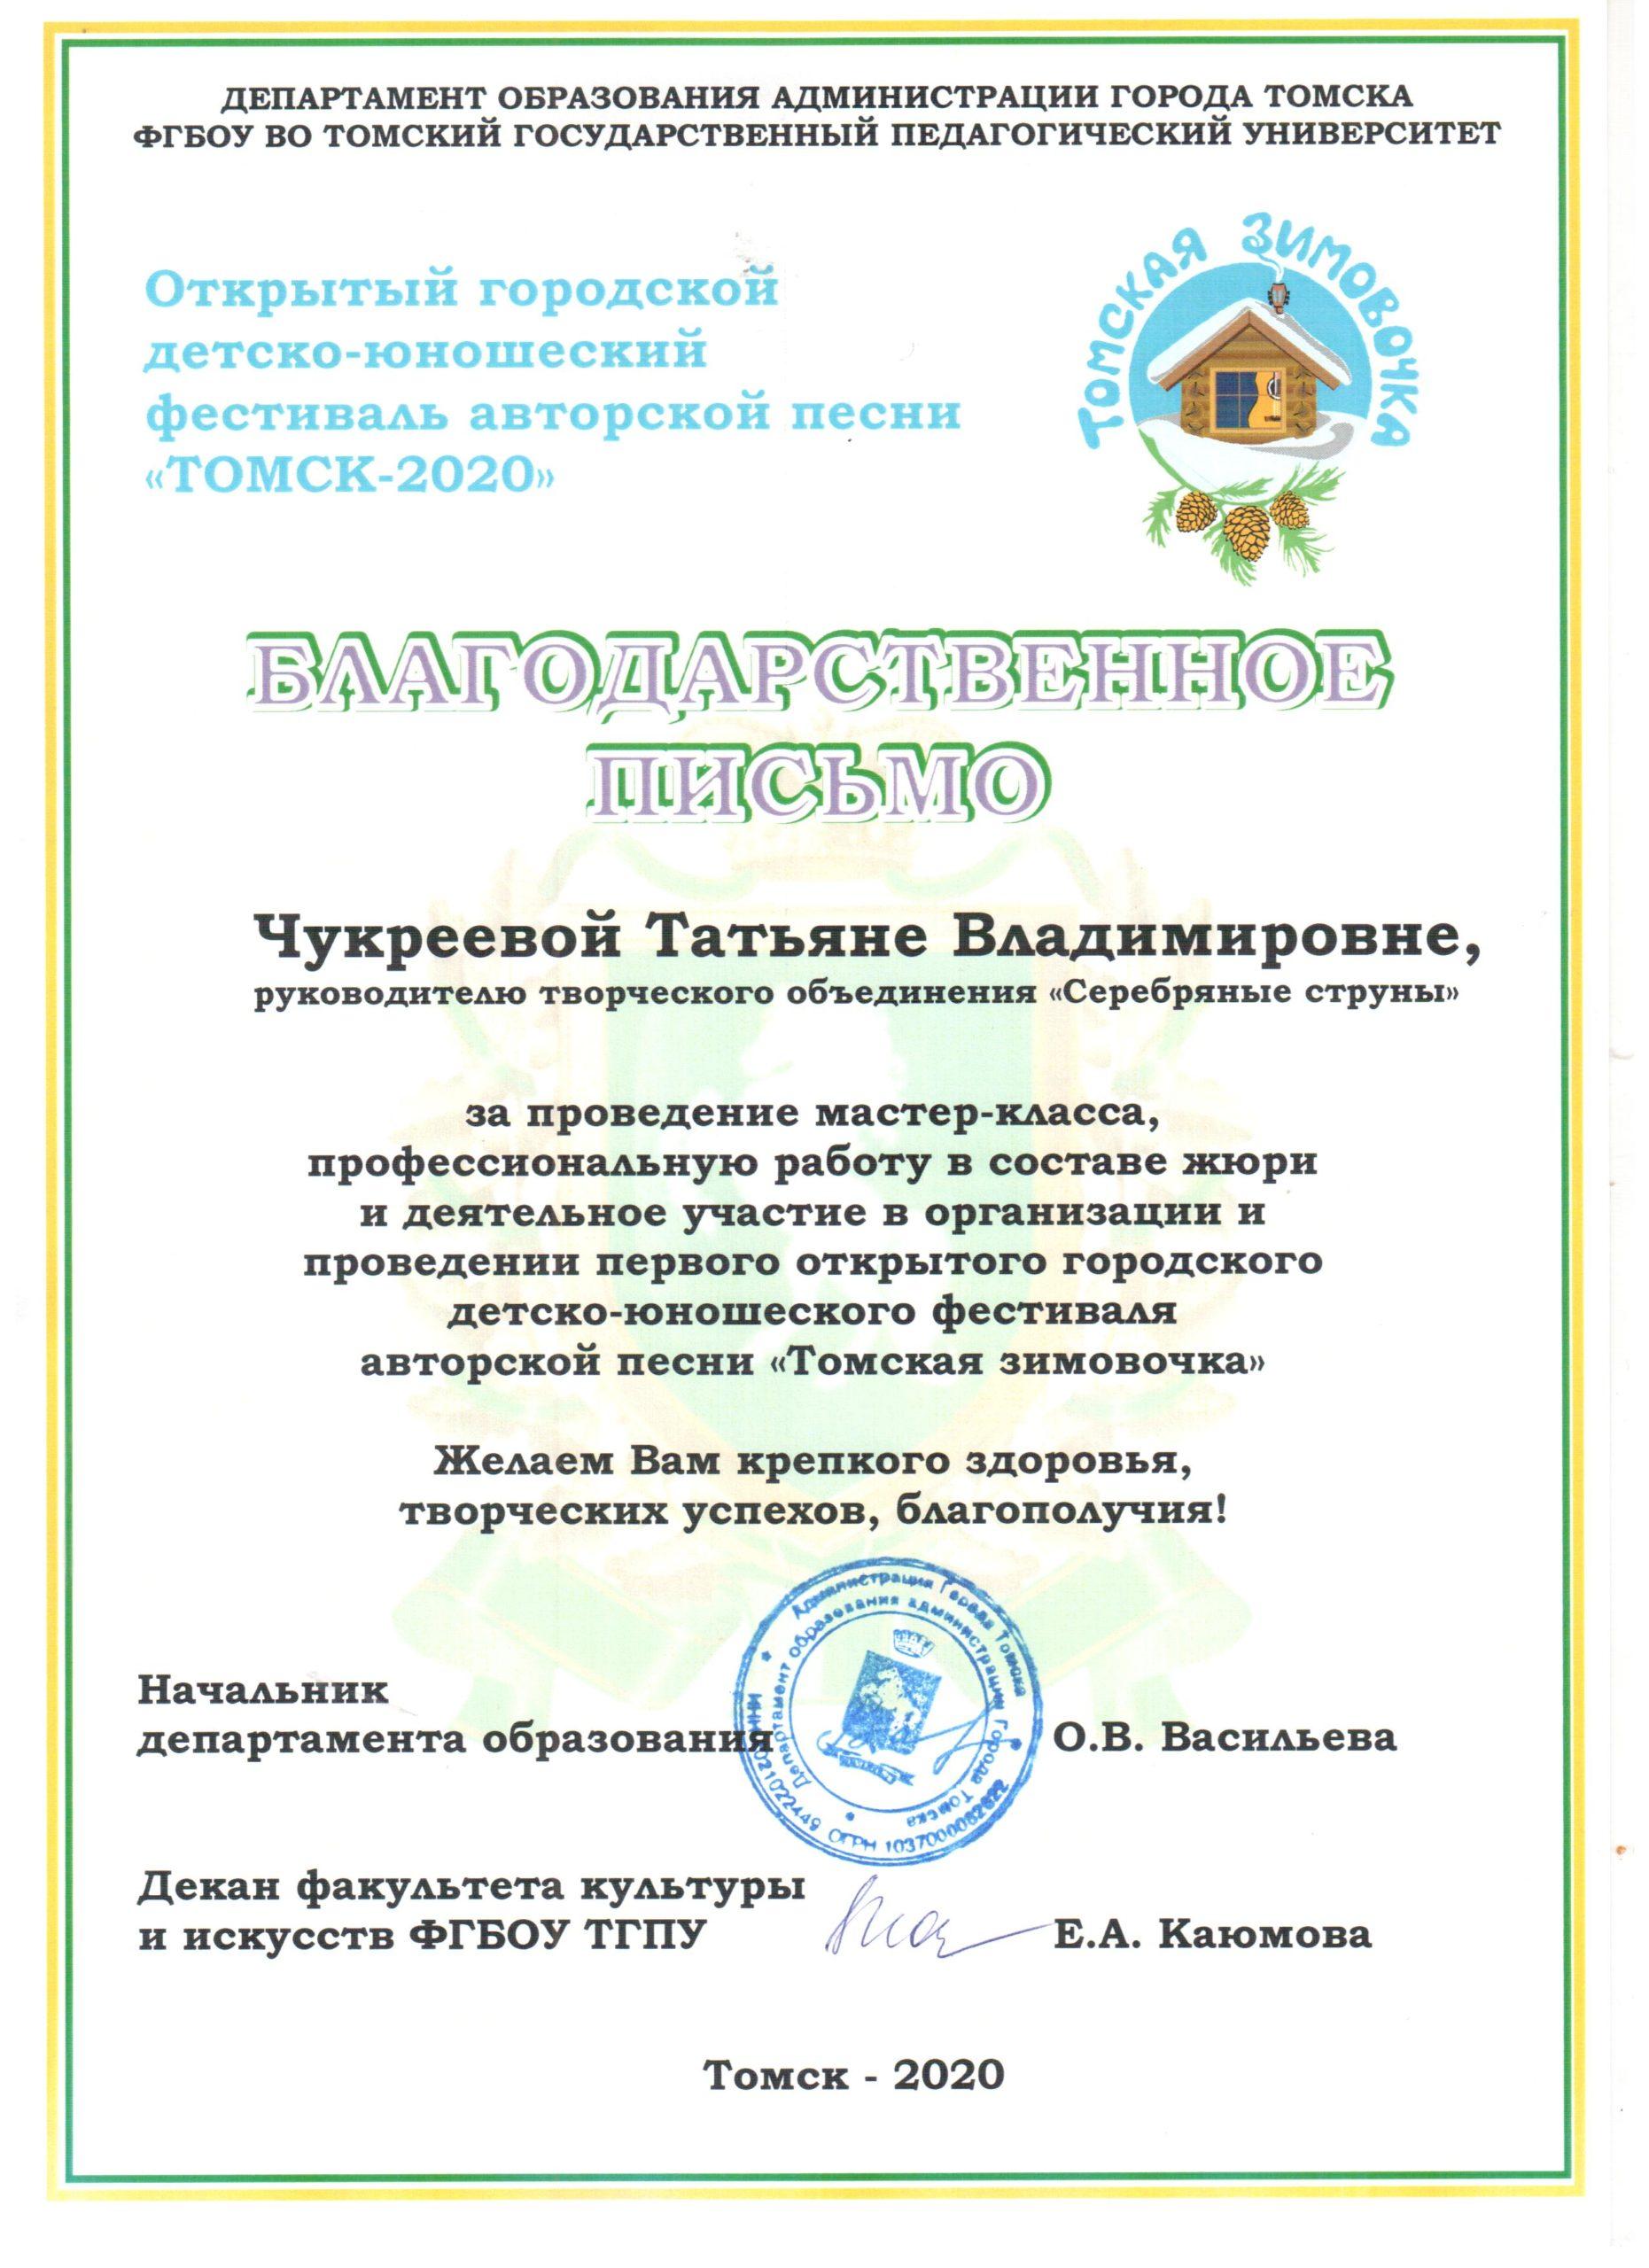 томск-2020 (1)